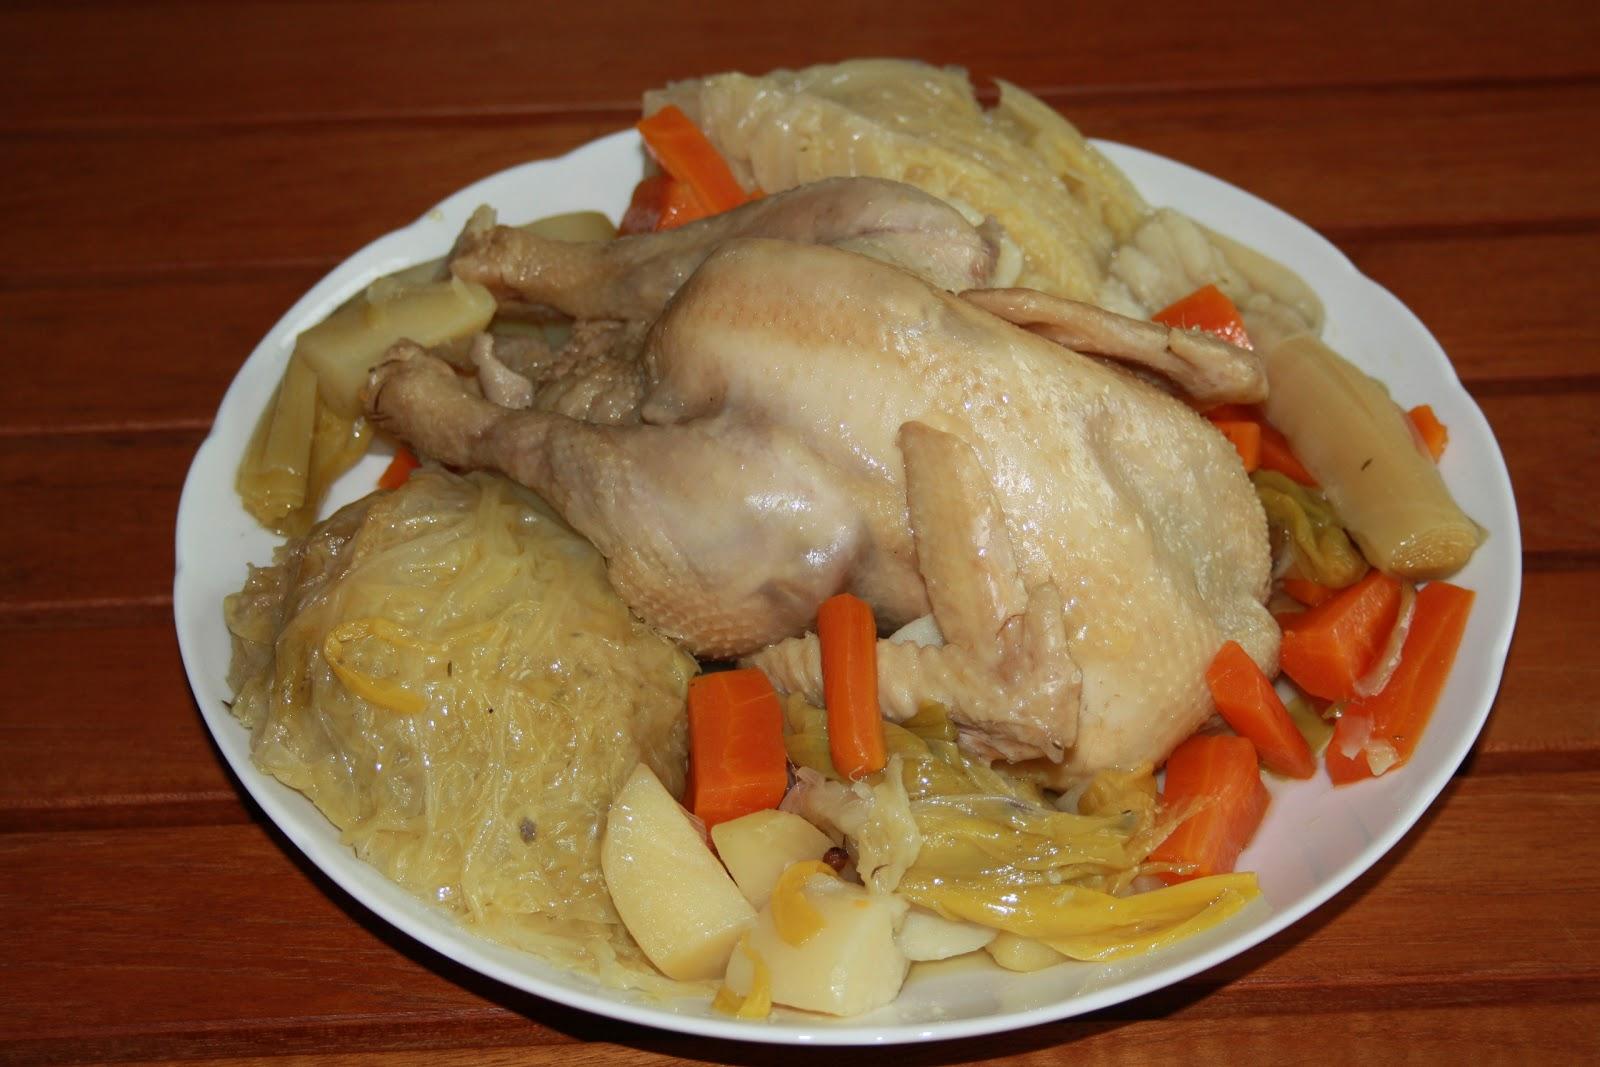 La cuisine de mathilde poule au pot - Cuisine poule au pot ...